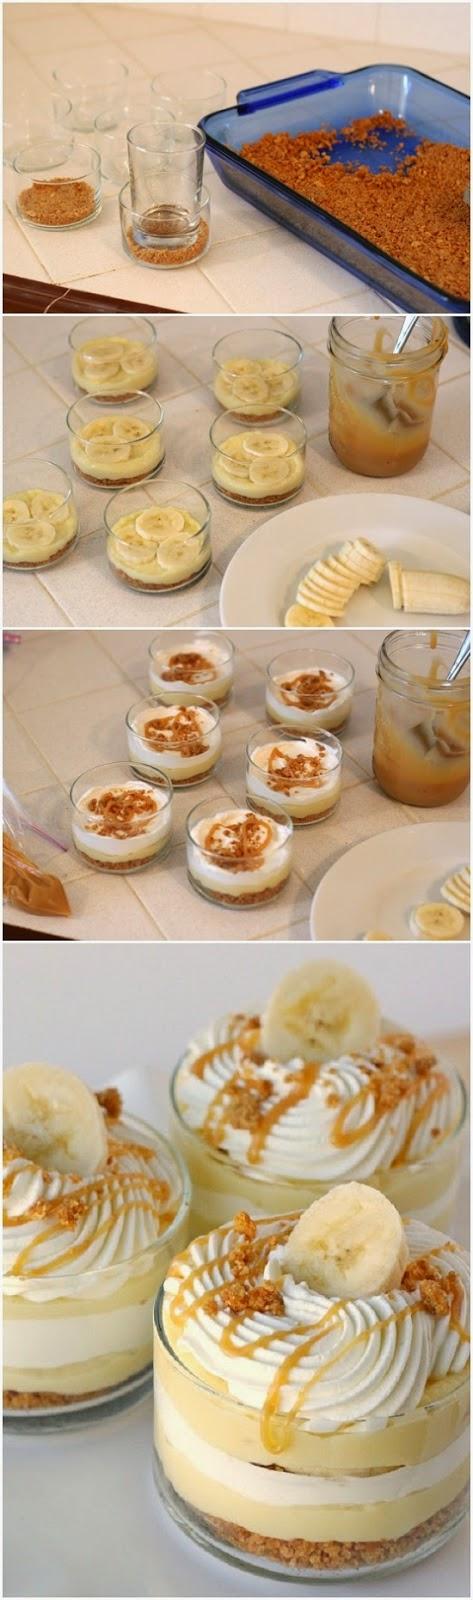 How To Make Banana Caramel Cream Dessert